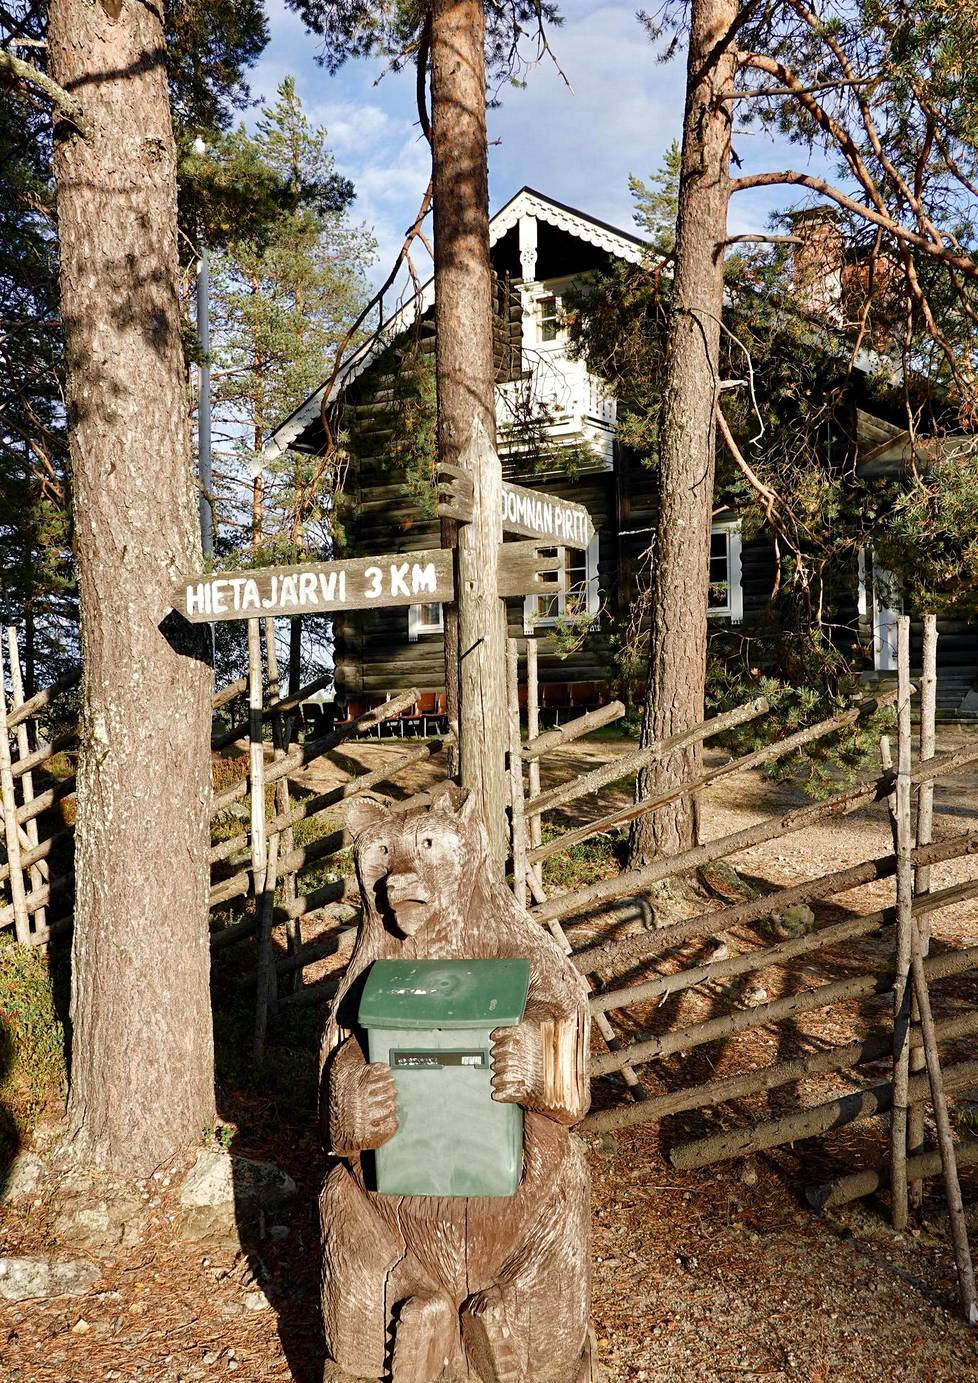 Vuonna 1964 rakennettu, runonlaulaja Domna Huovisen mukaan nimetty Domnan pirtti noudattaa perinteistä rakennustyyliä.